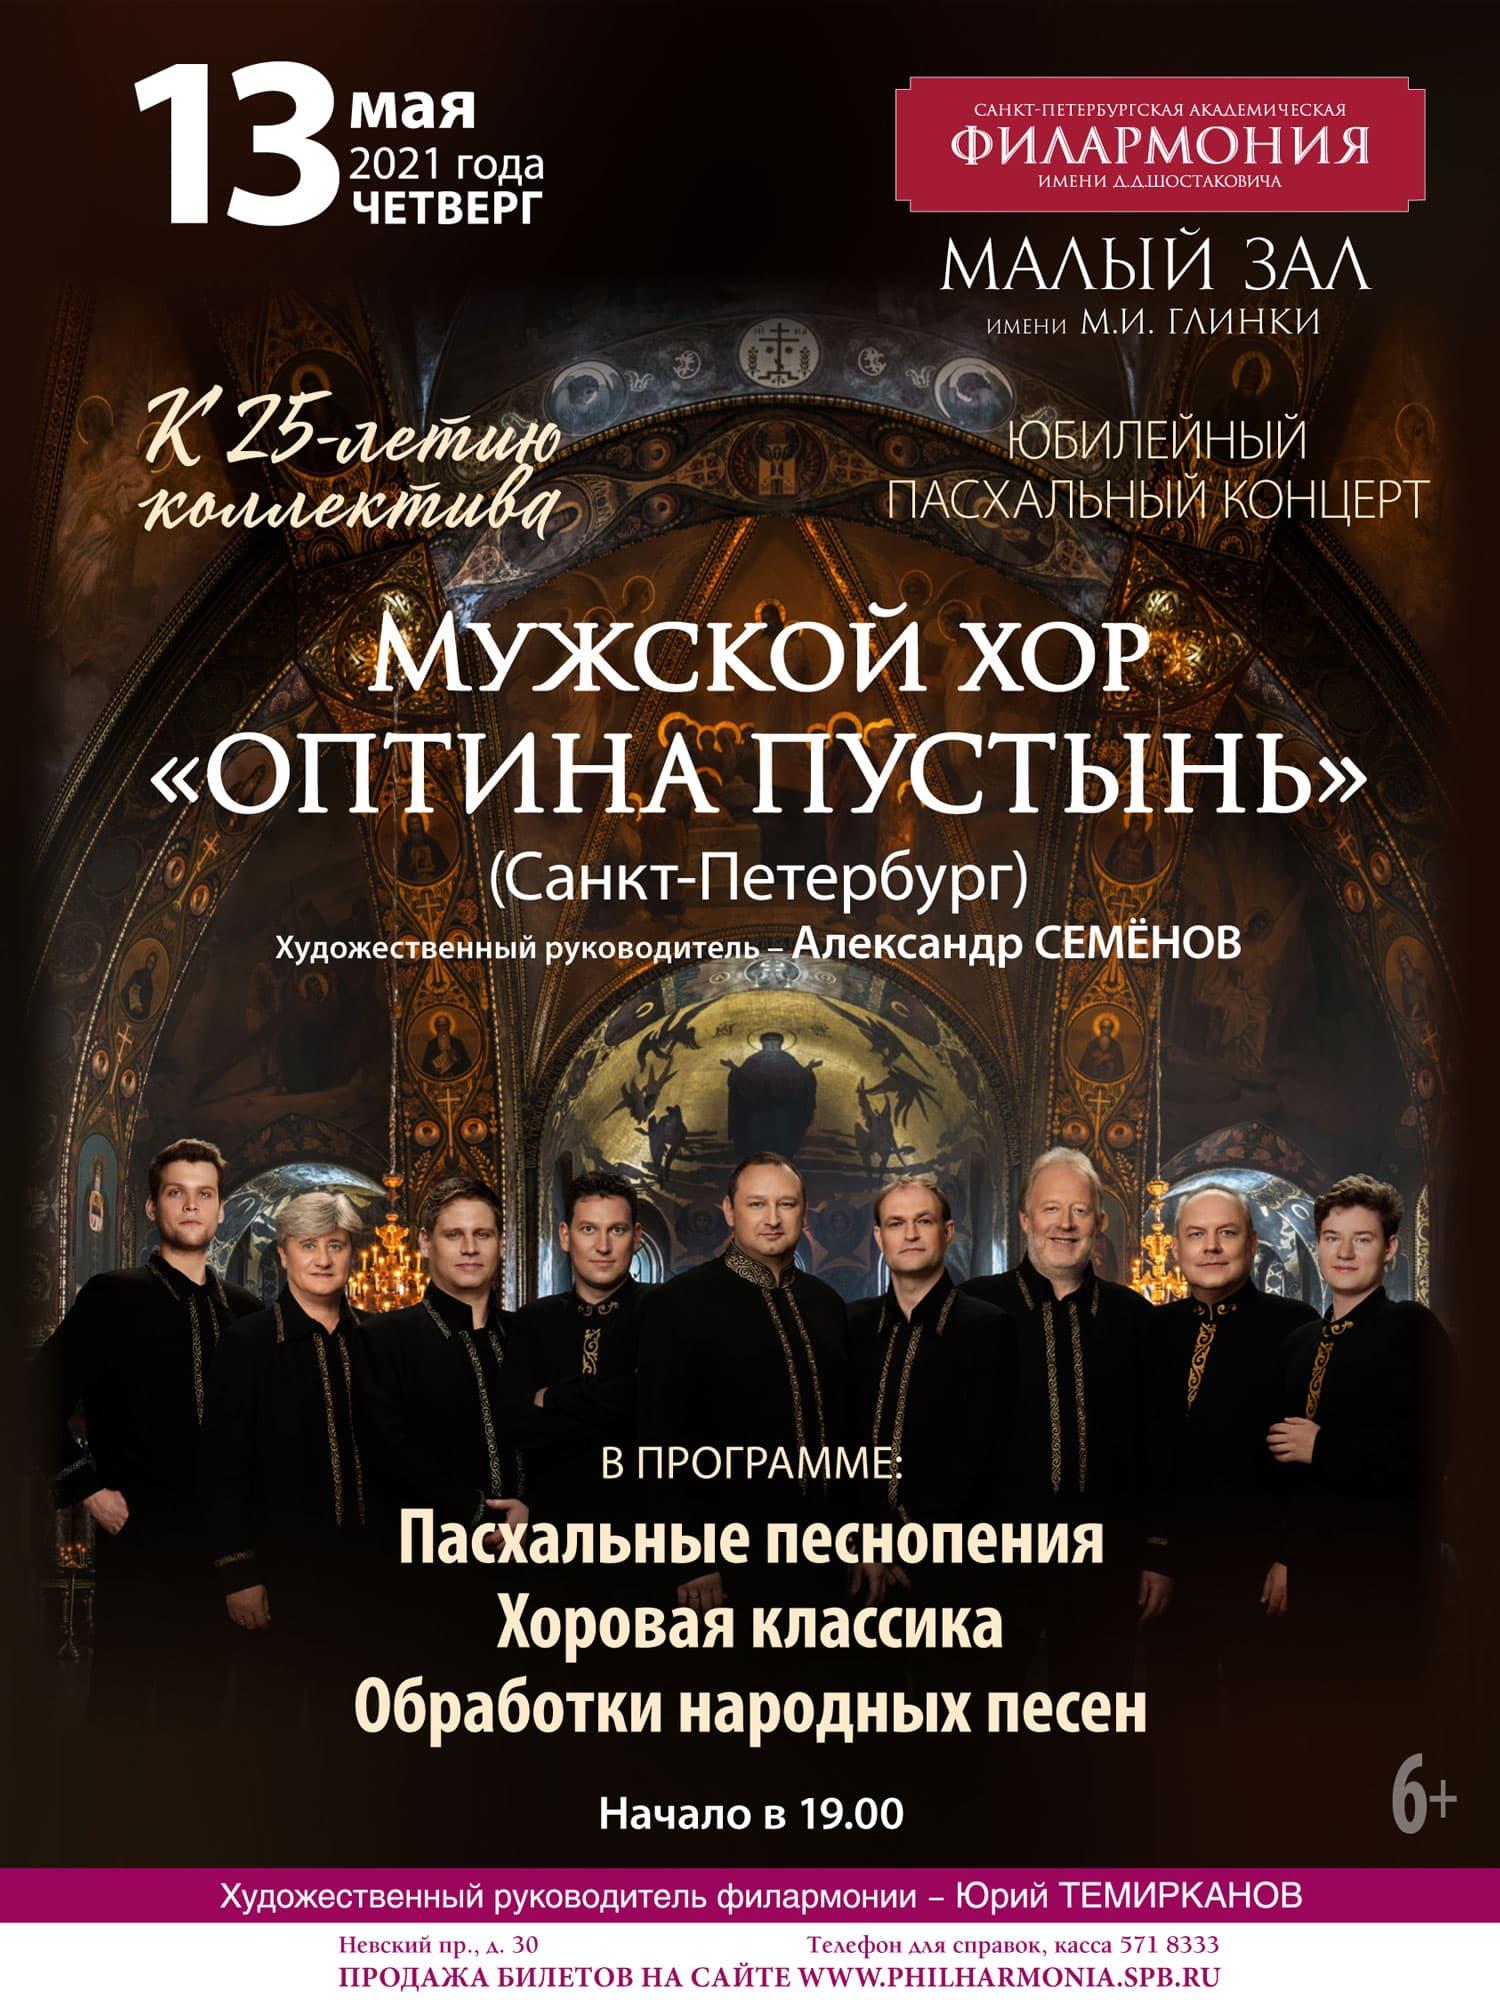 Мужской хор Оптина Пустынь. Санкт-Петербургская филармония